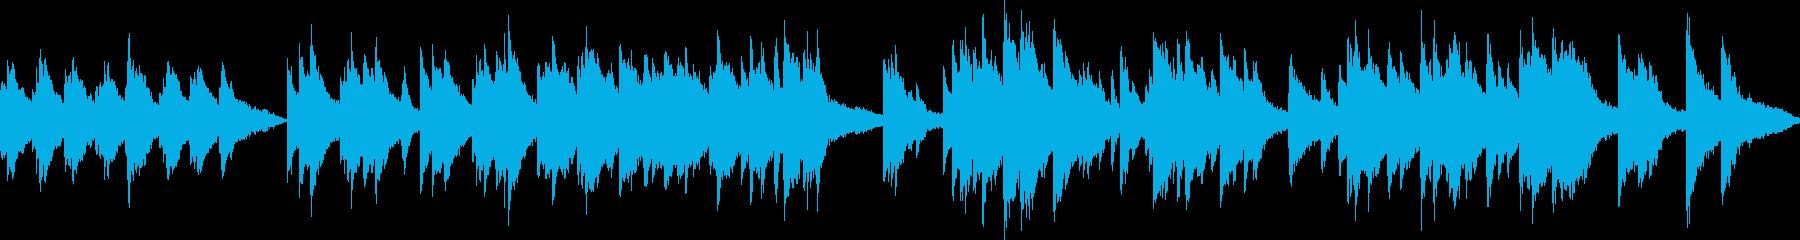 ピアノ演奏(ループ)希望・誕生・キラキラの再生済みの波形